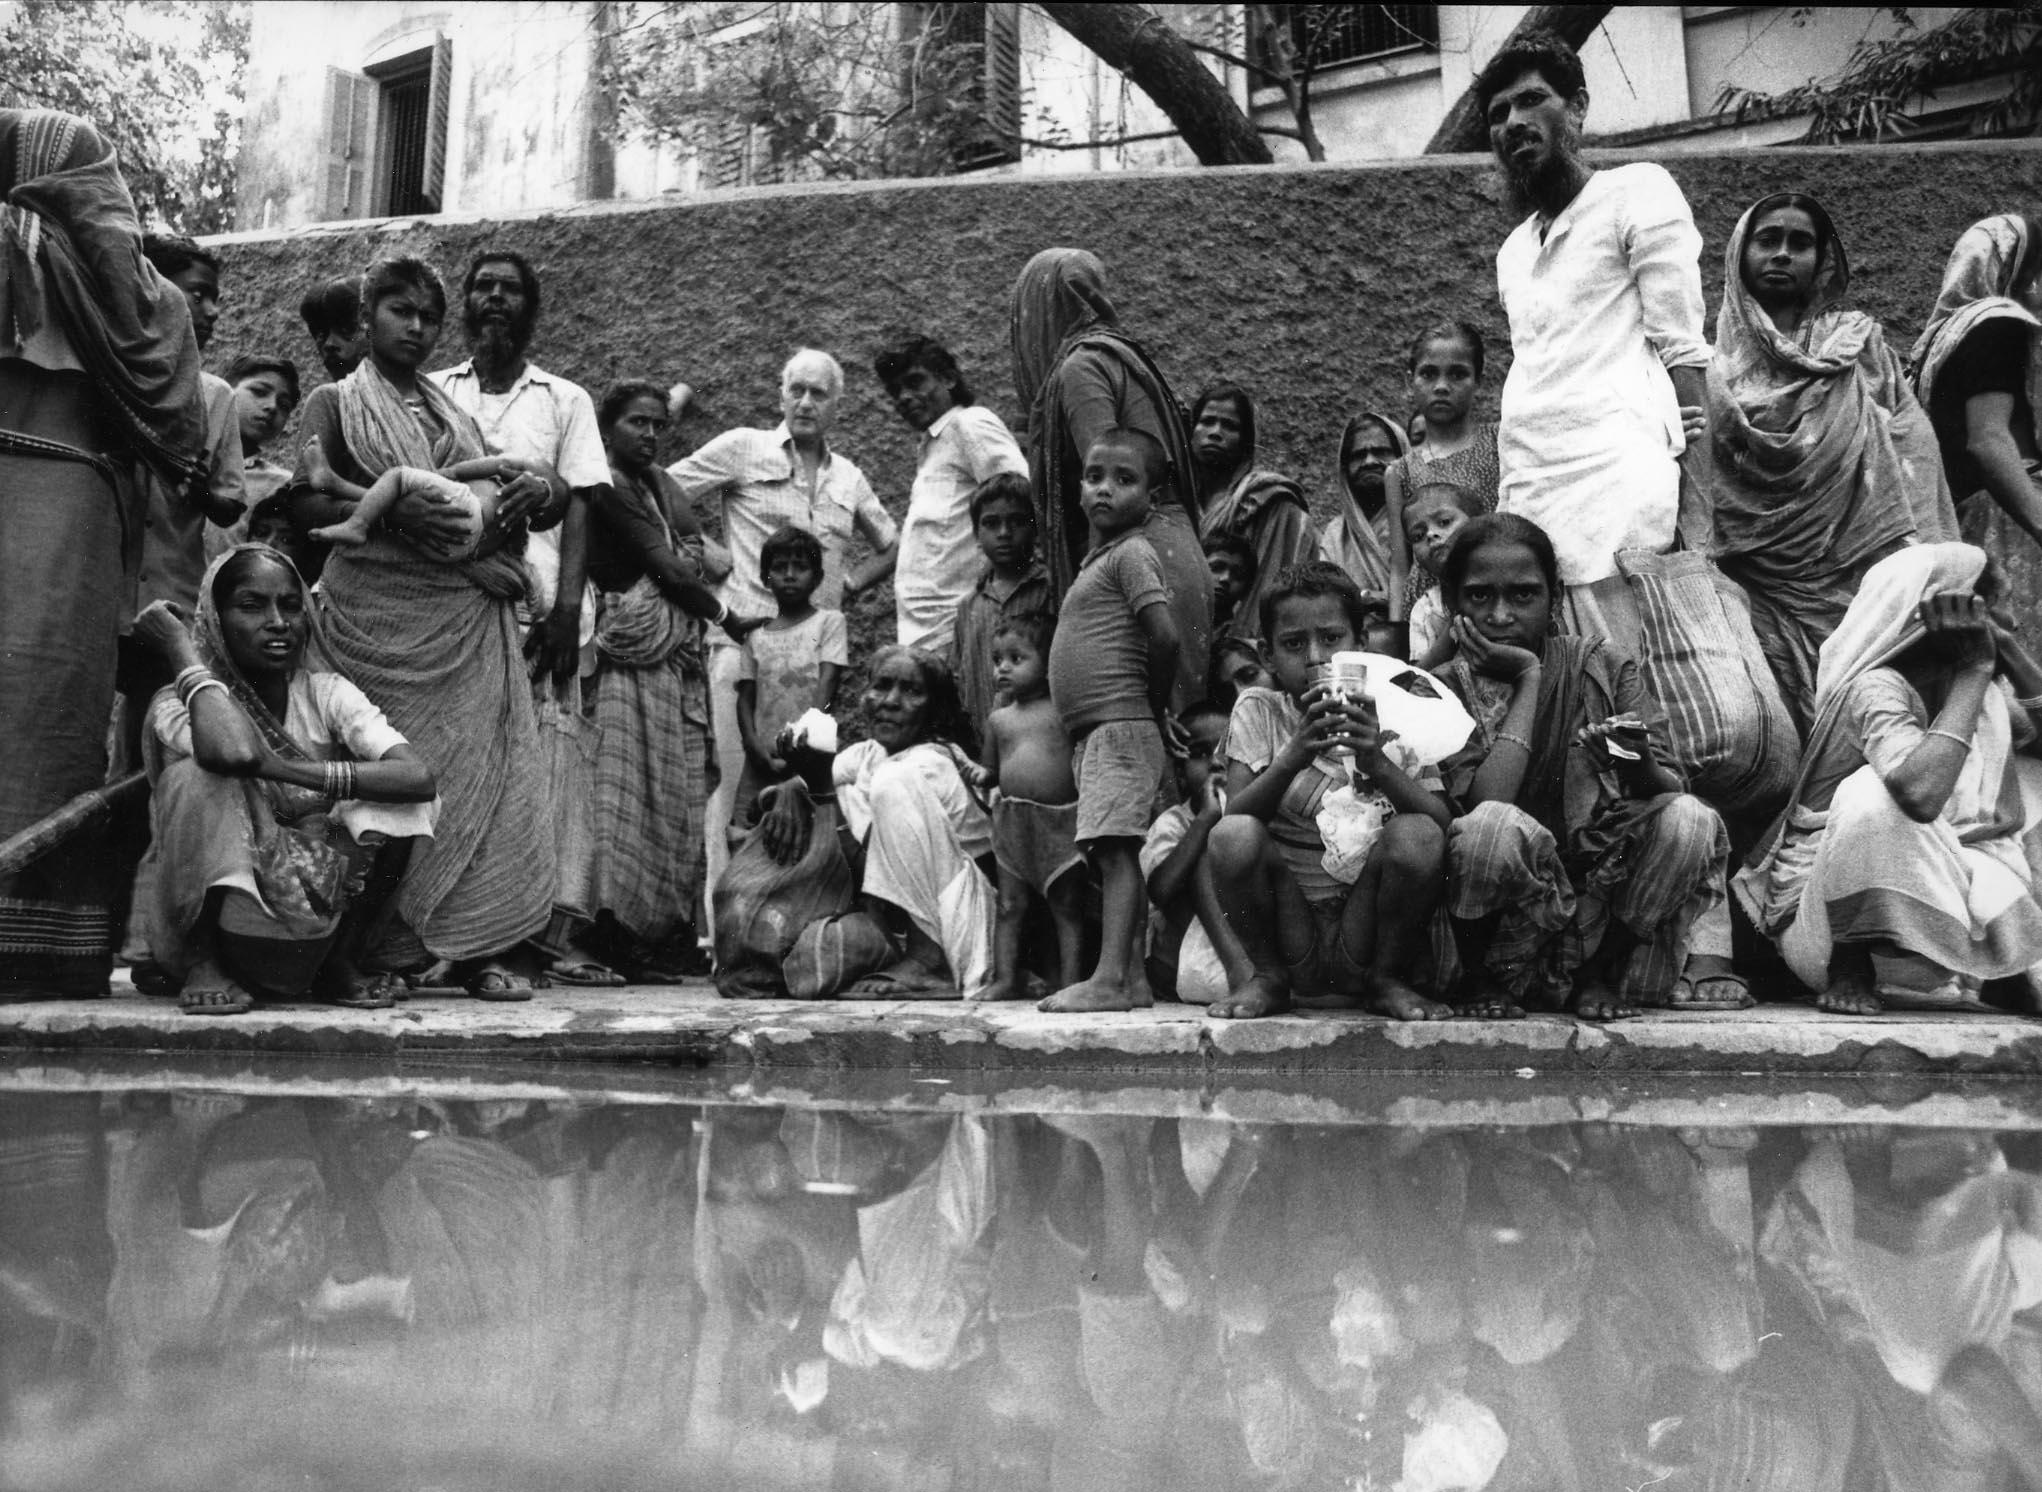 Dr. Jack Preger umringt von bedürftigen Slumbewohnern in Kolkata.